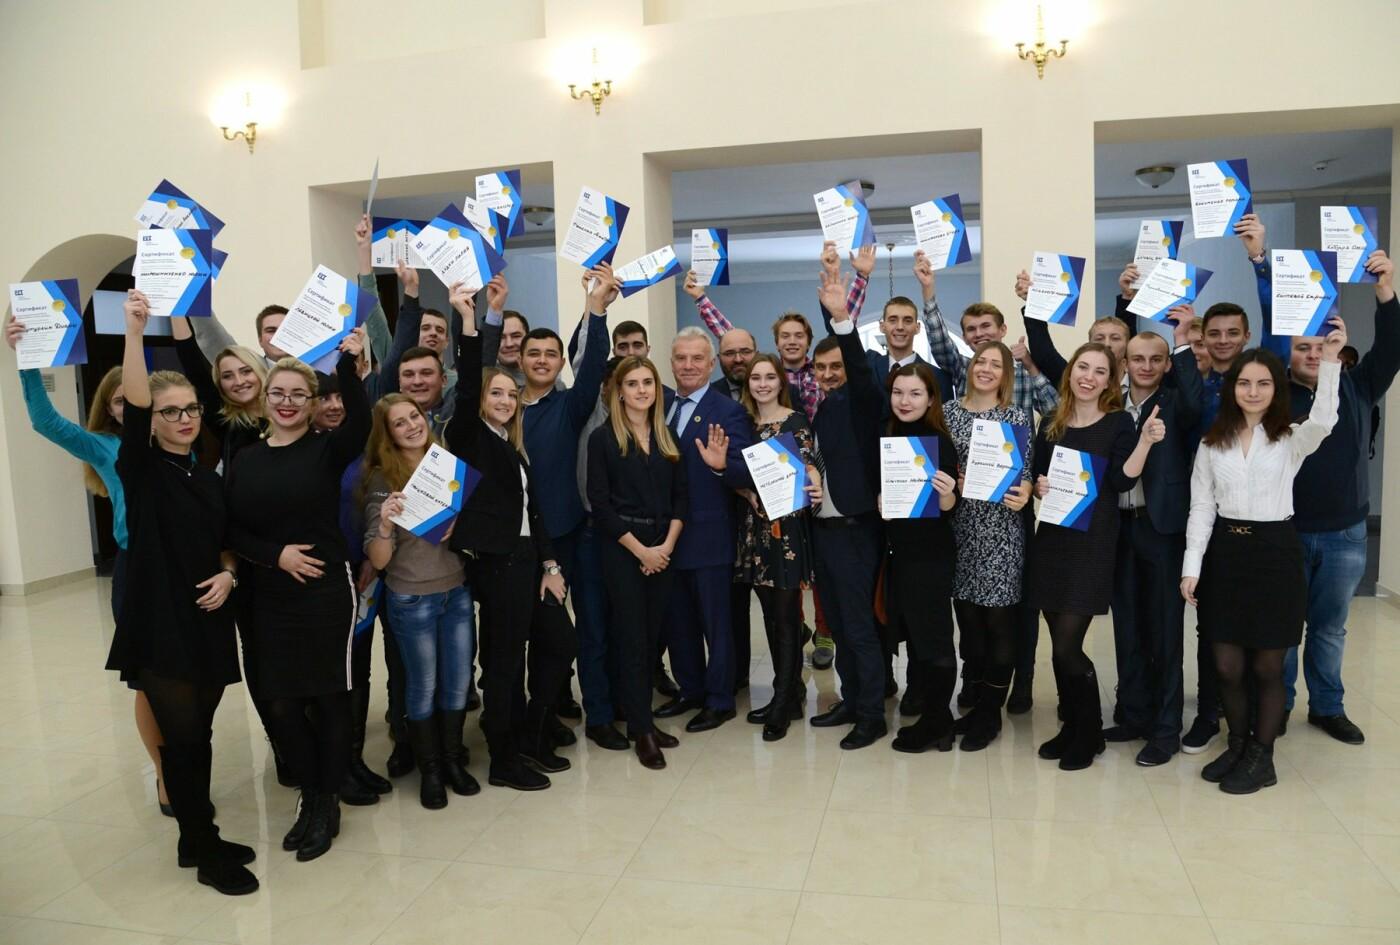 Харьковские студенты стали лучшими в конкурсе «Агро» и едут во Францию, фото-2